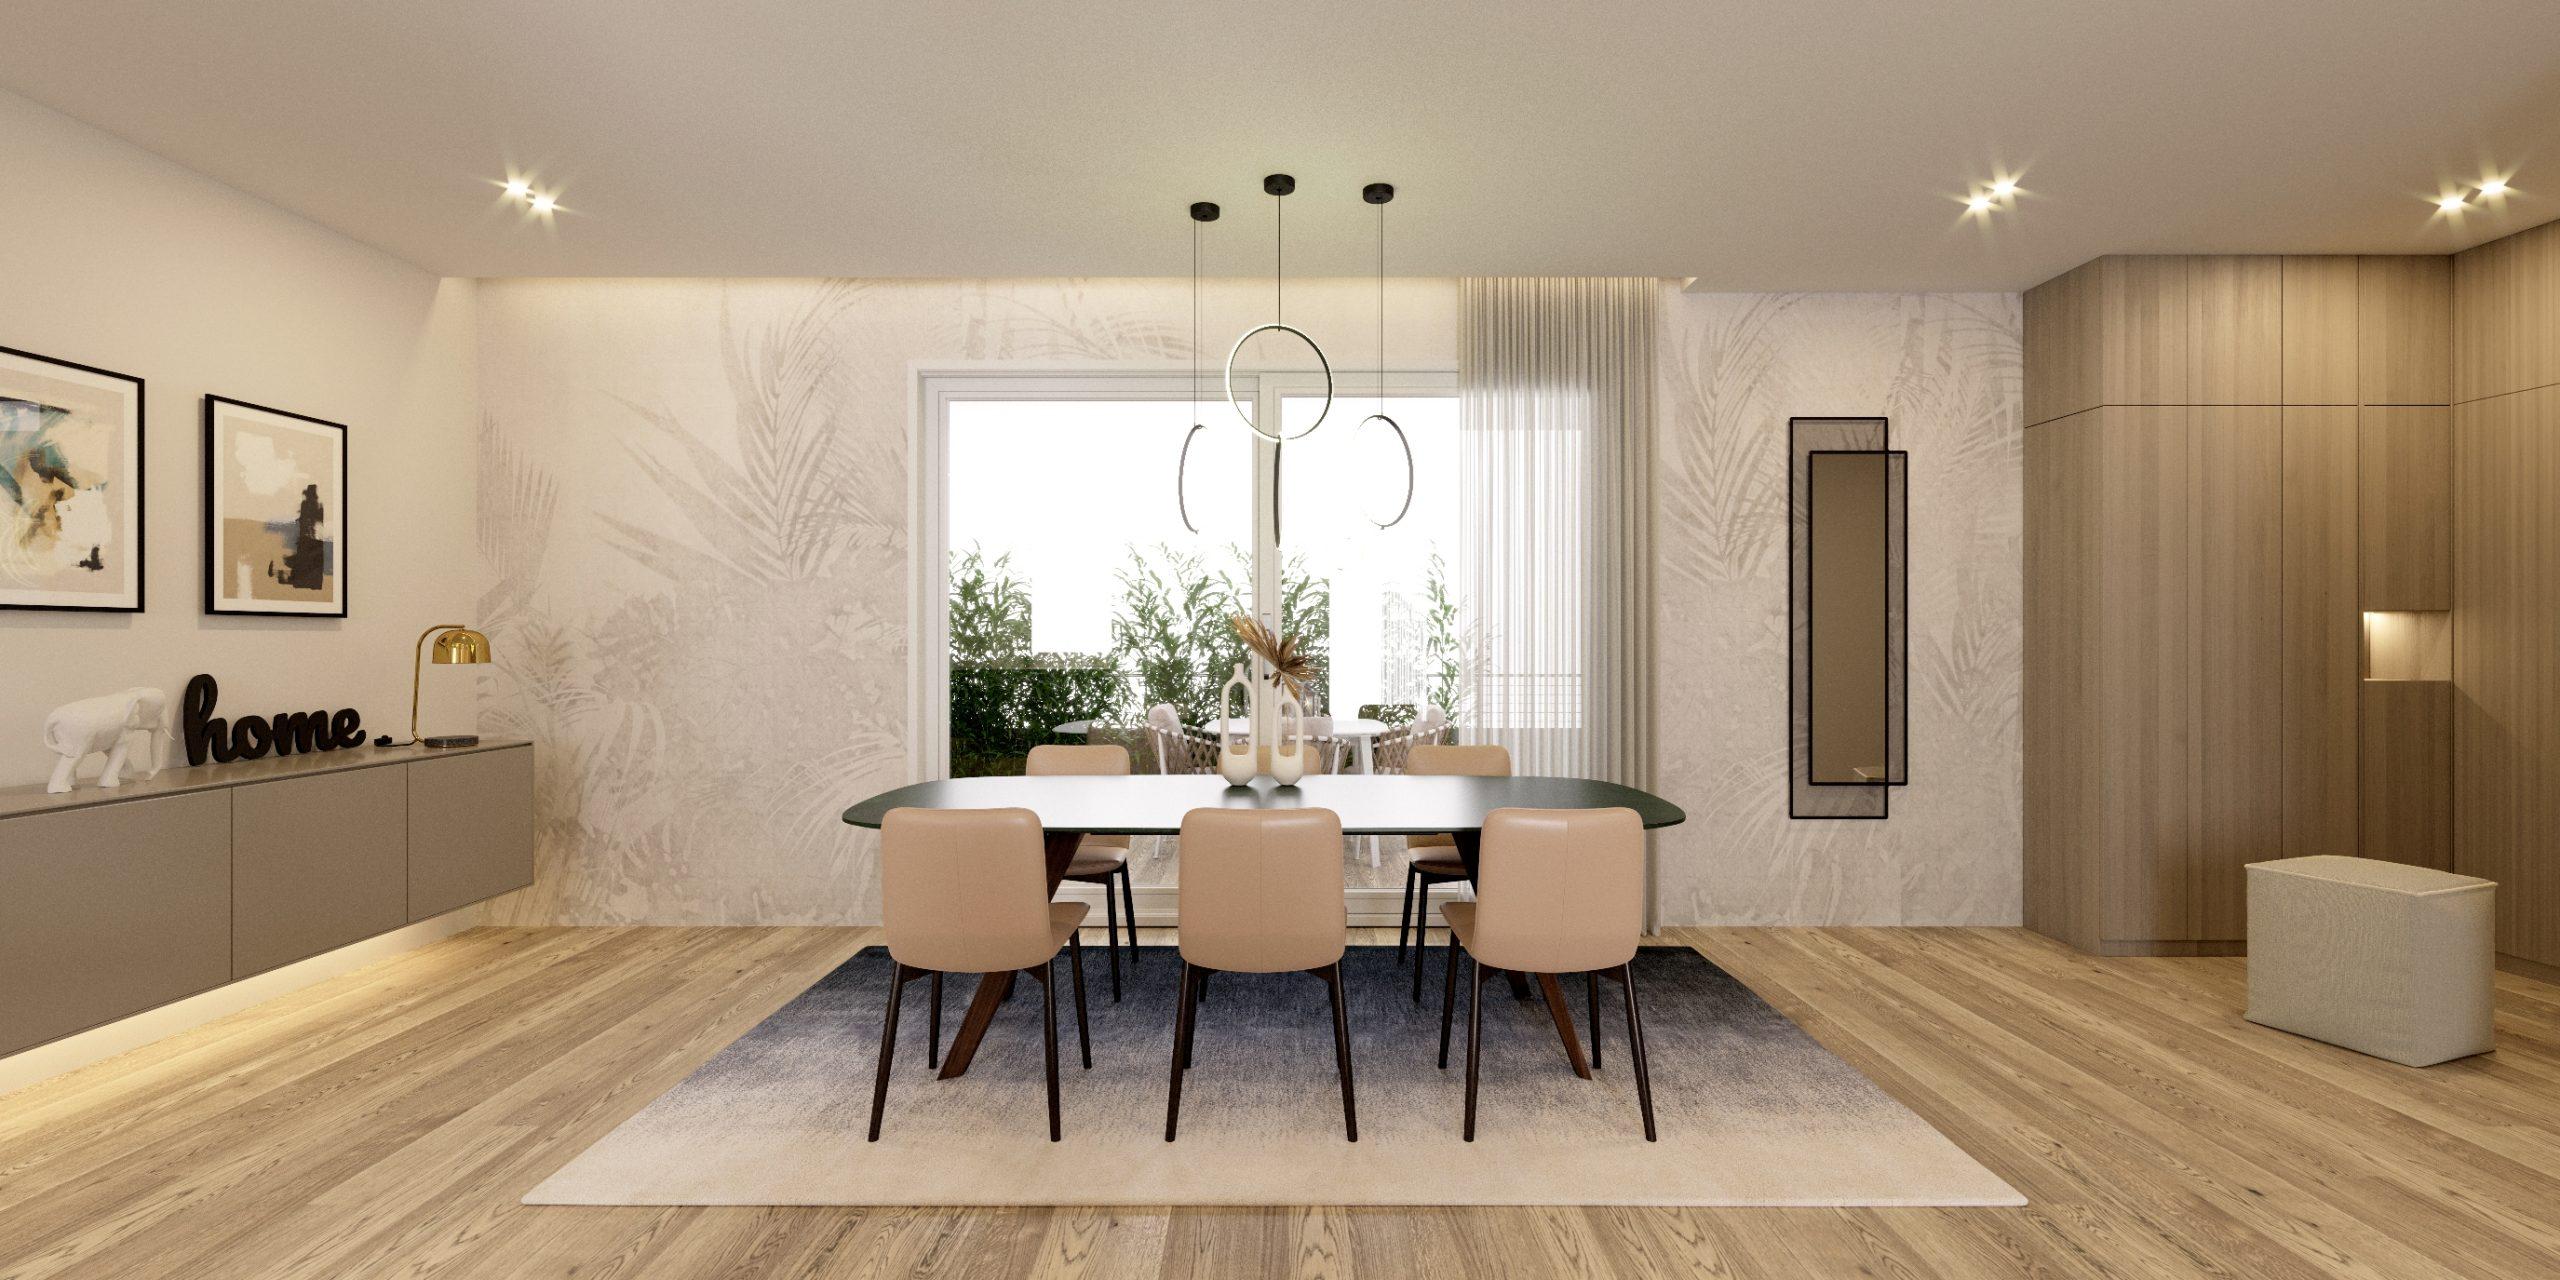 Pranzo_appartamento_3_camere_bassa